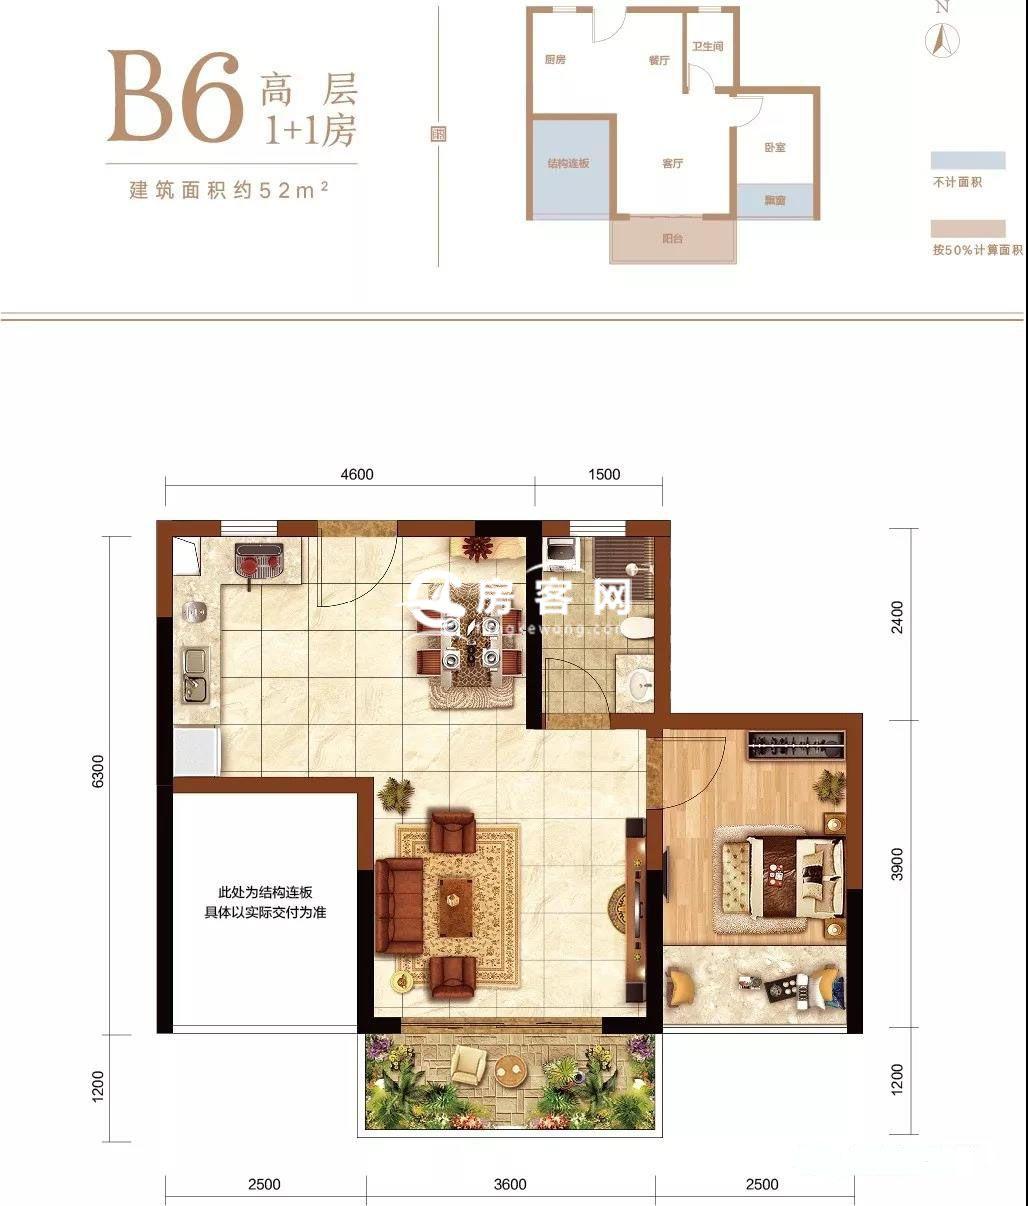 B6高层 1+1房2厅1厨1卫1阳台  建面约52㎡